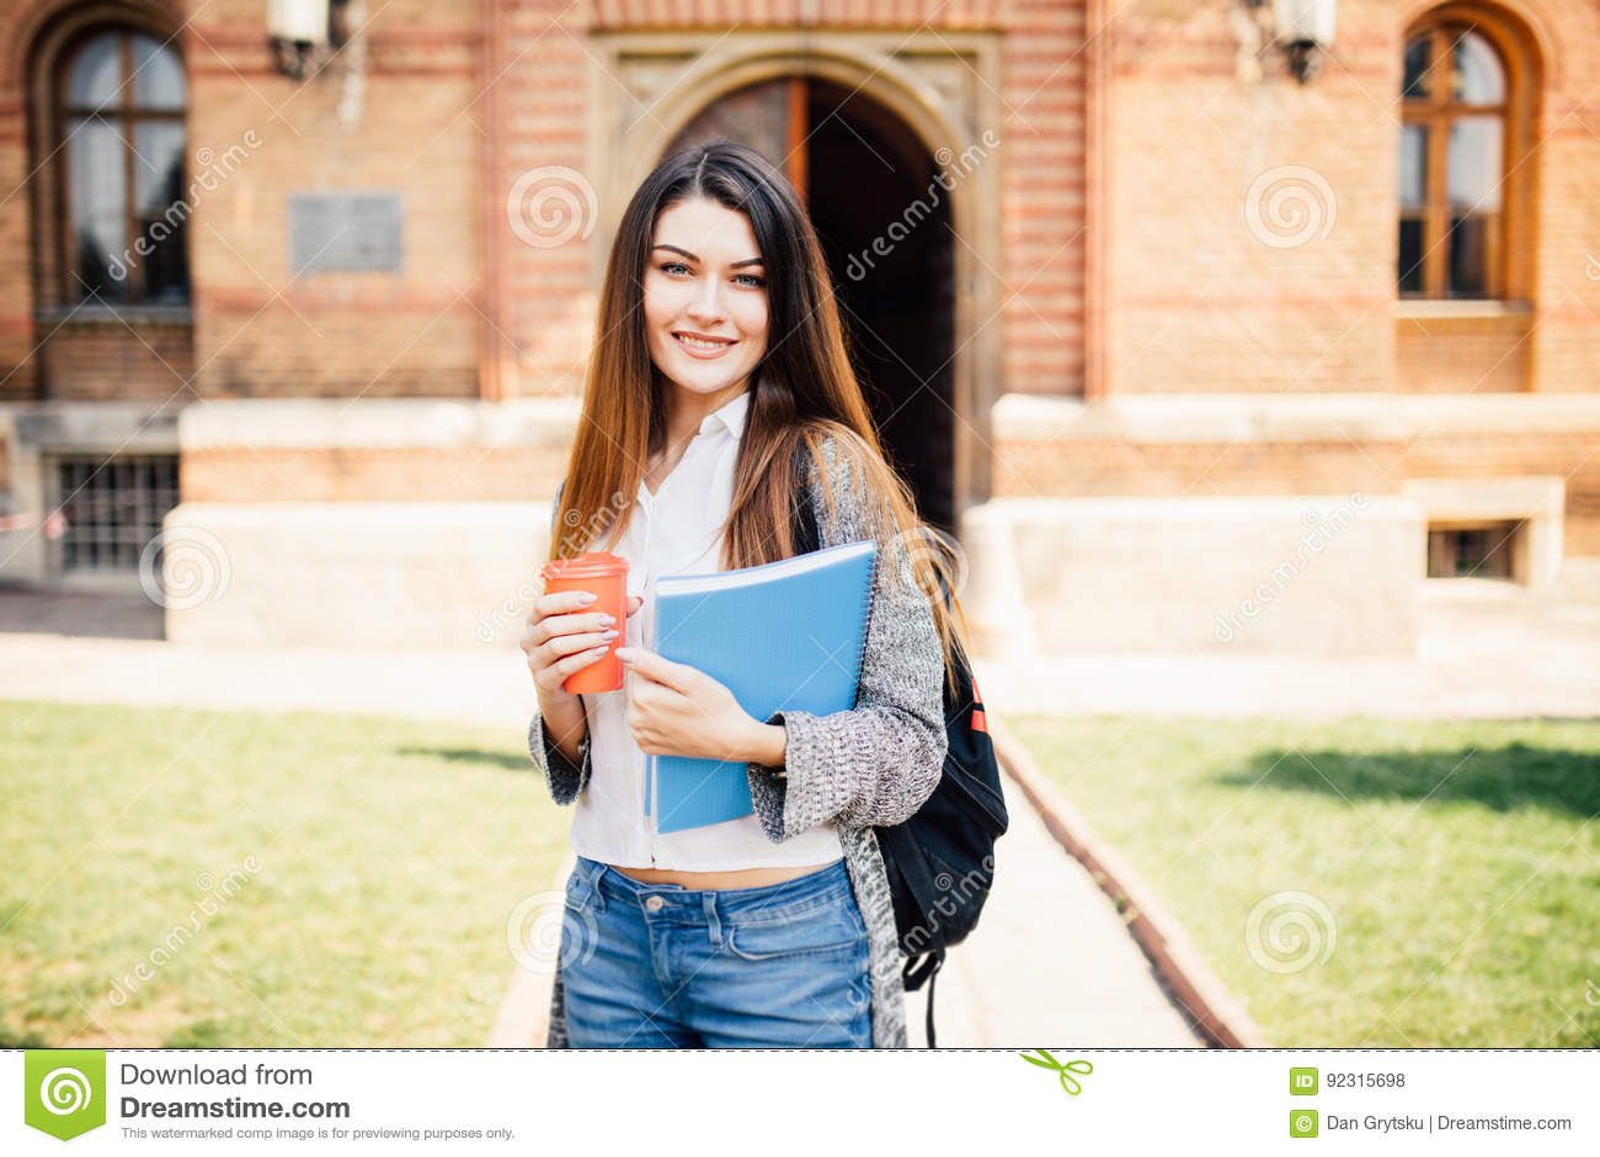 Estudiante universitario americano que sonríe con café y la bolsa de libros en campus